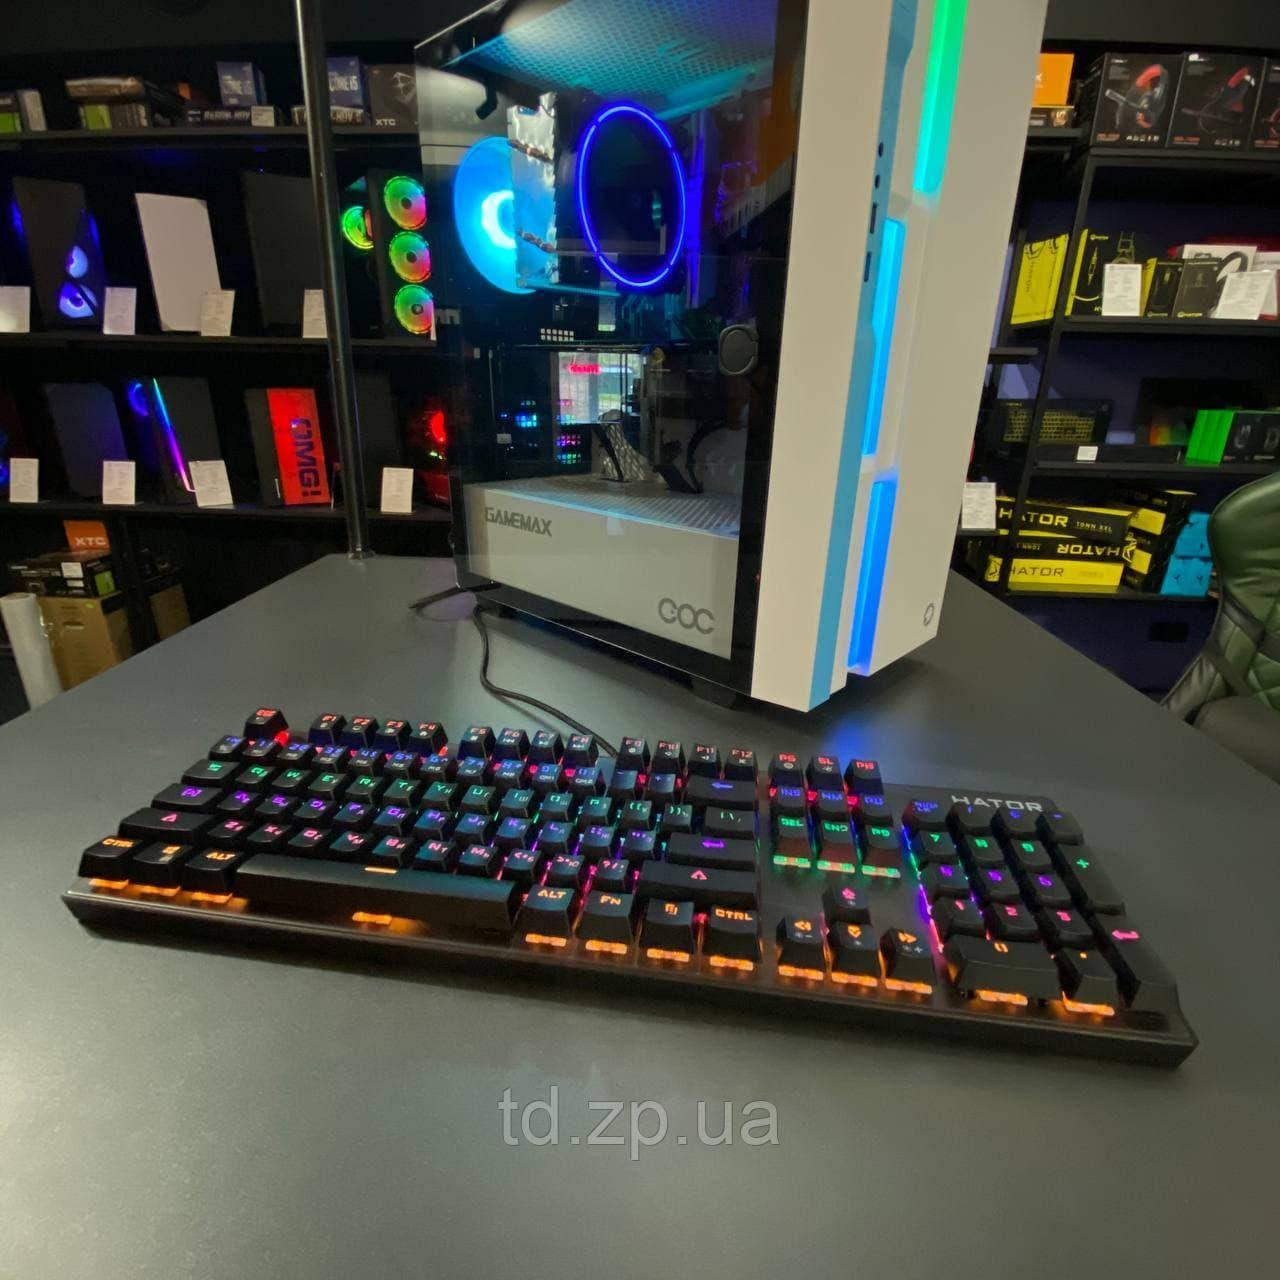 Дротова клавіатура Hator Starfall Outemu Red